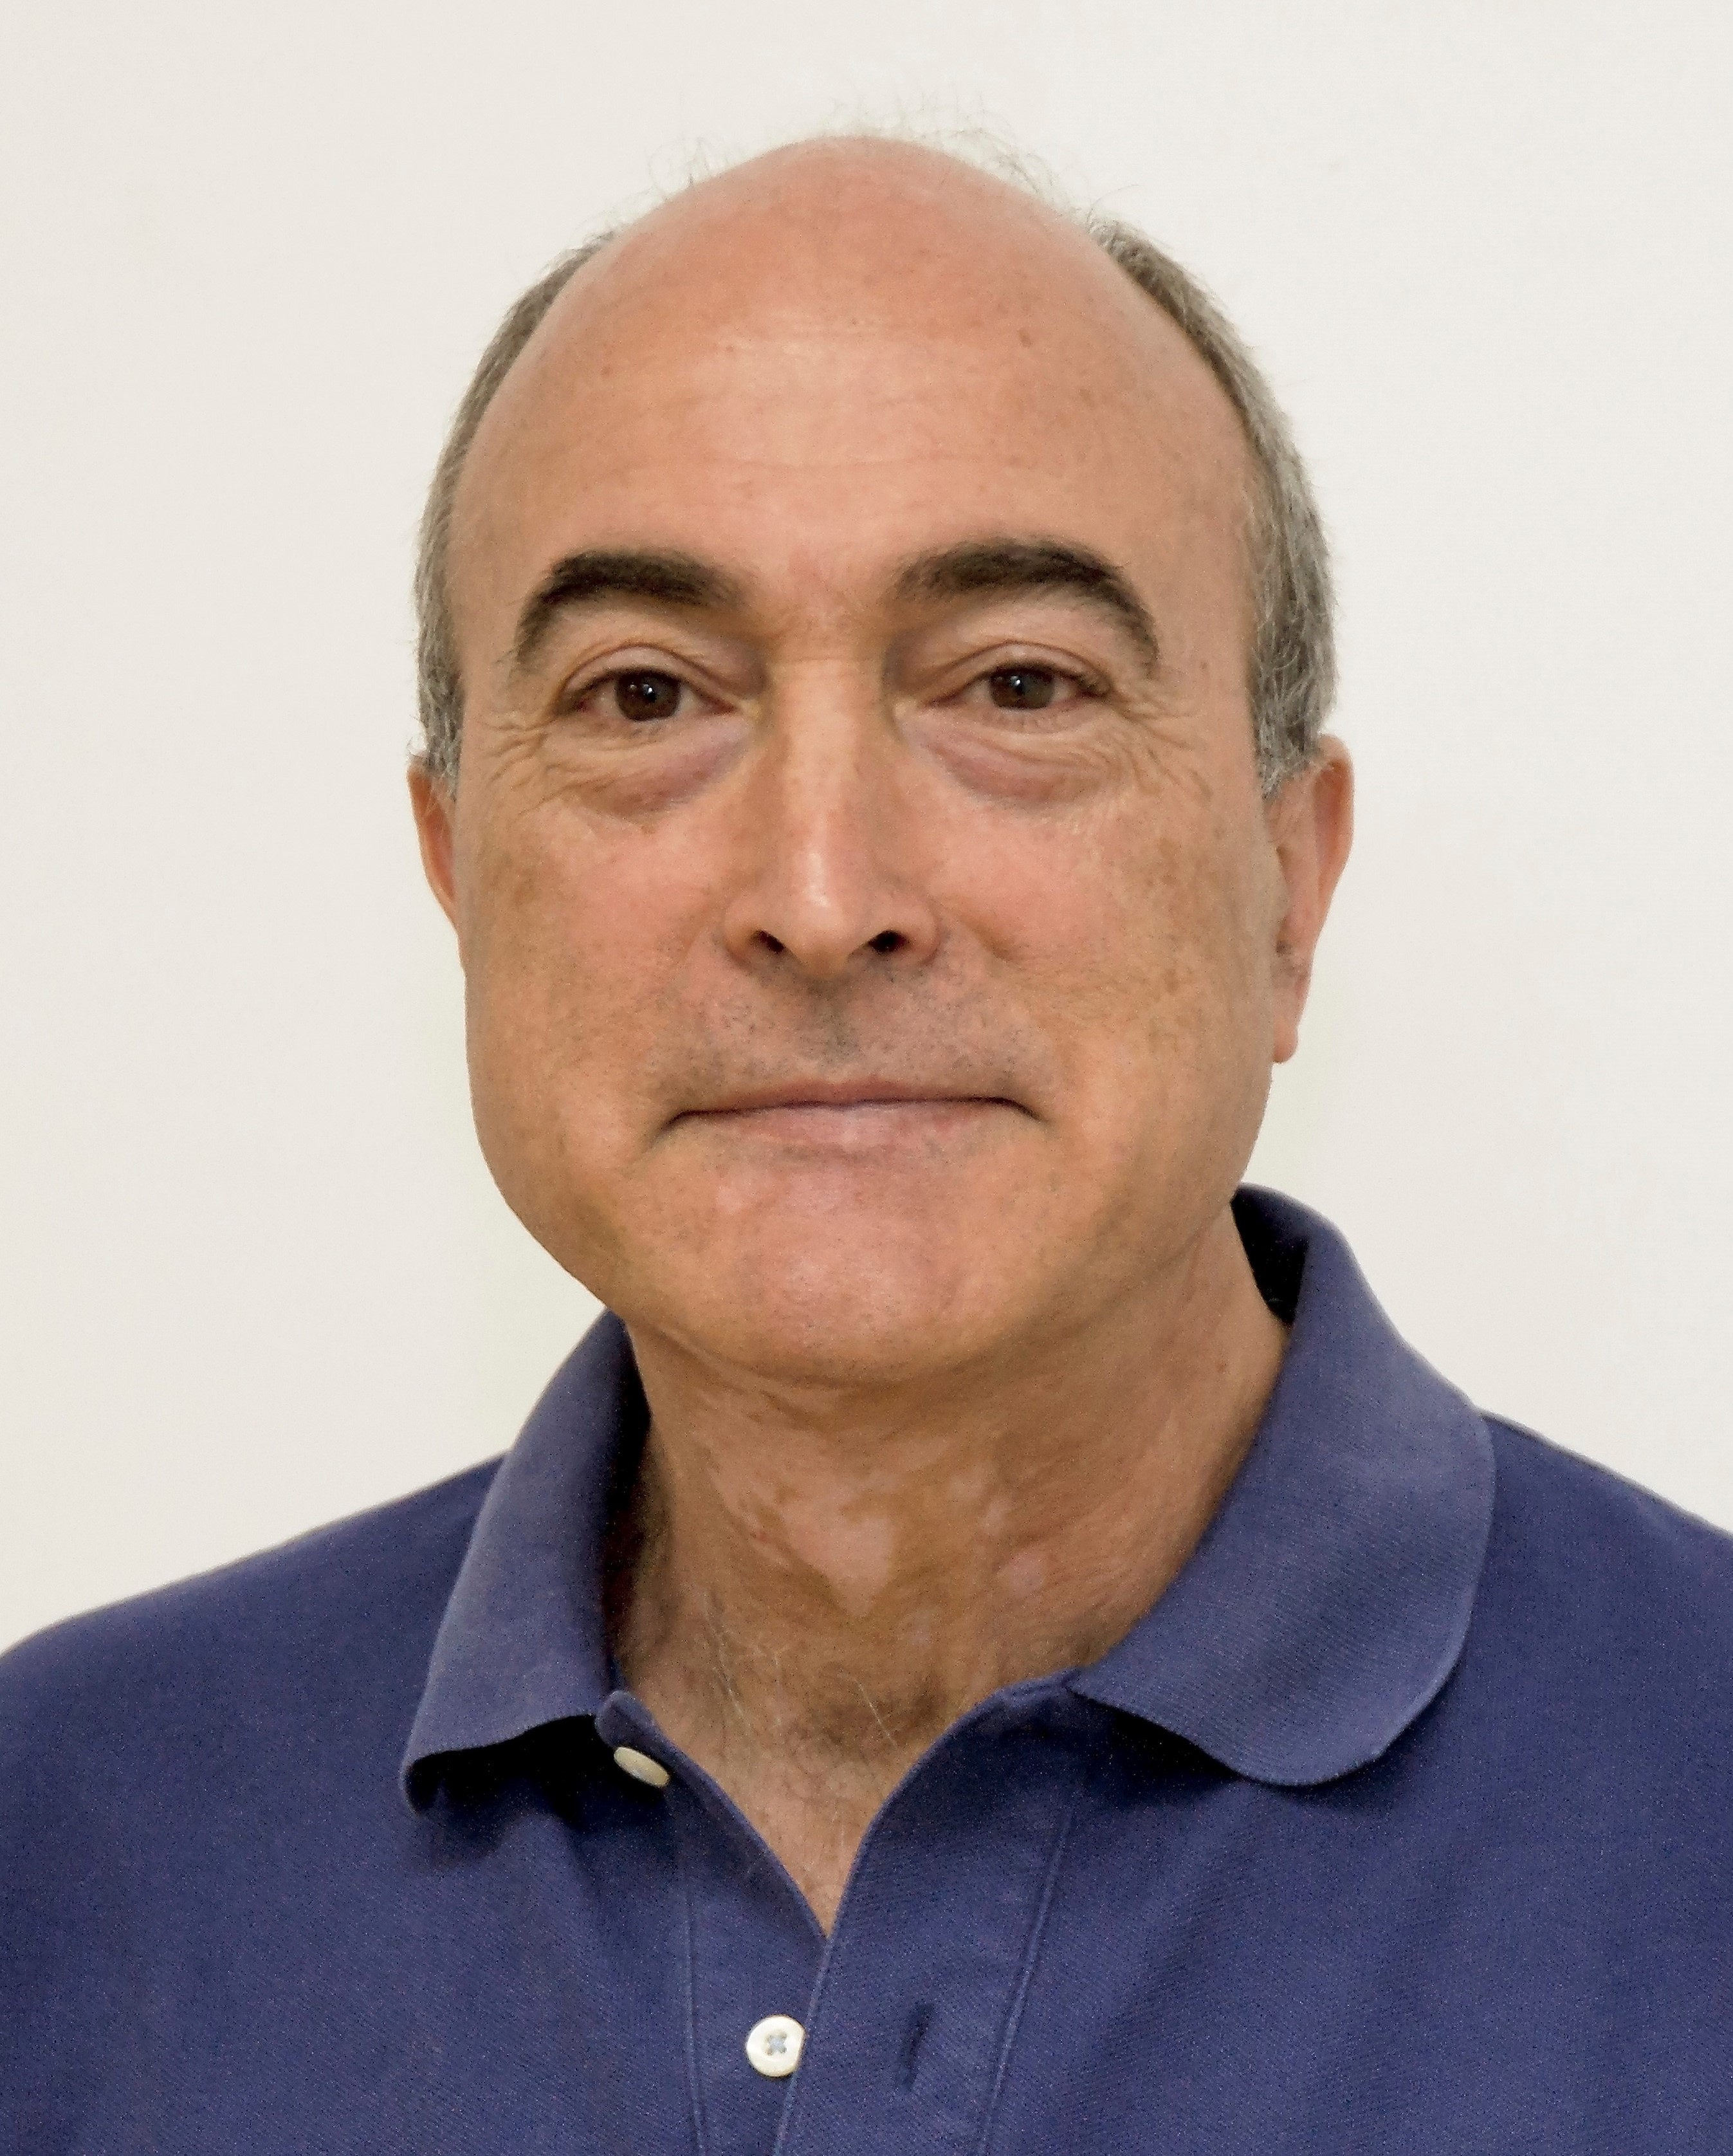 Martín León